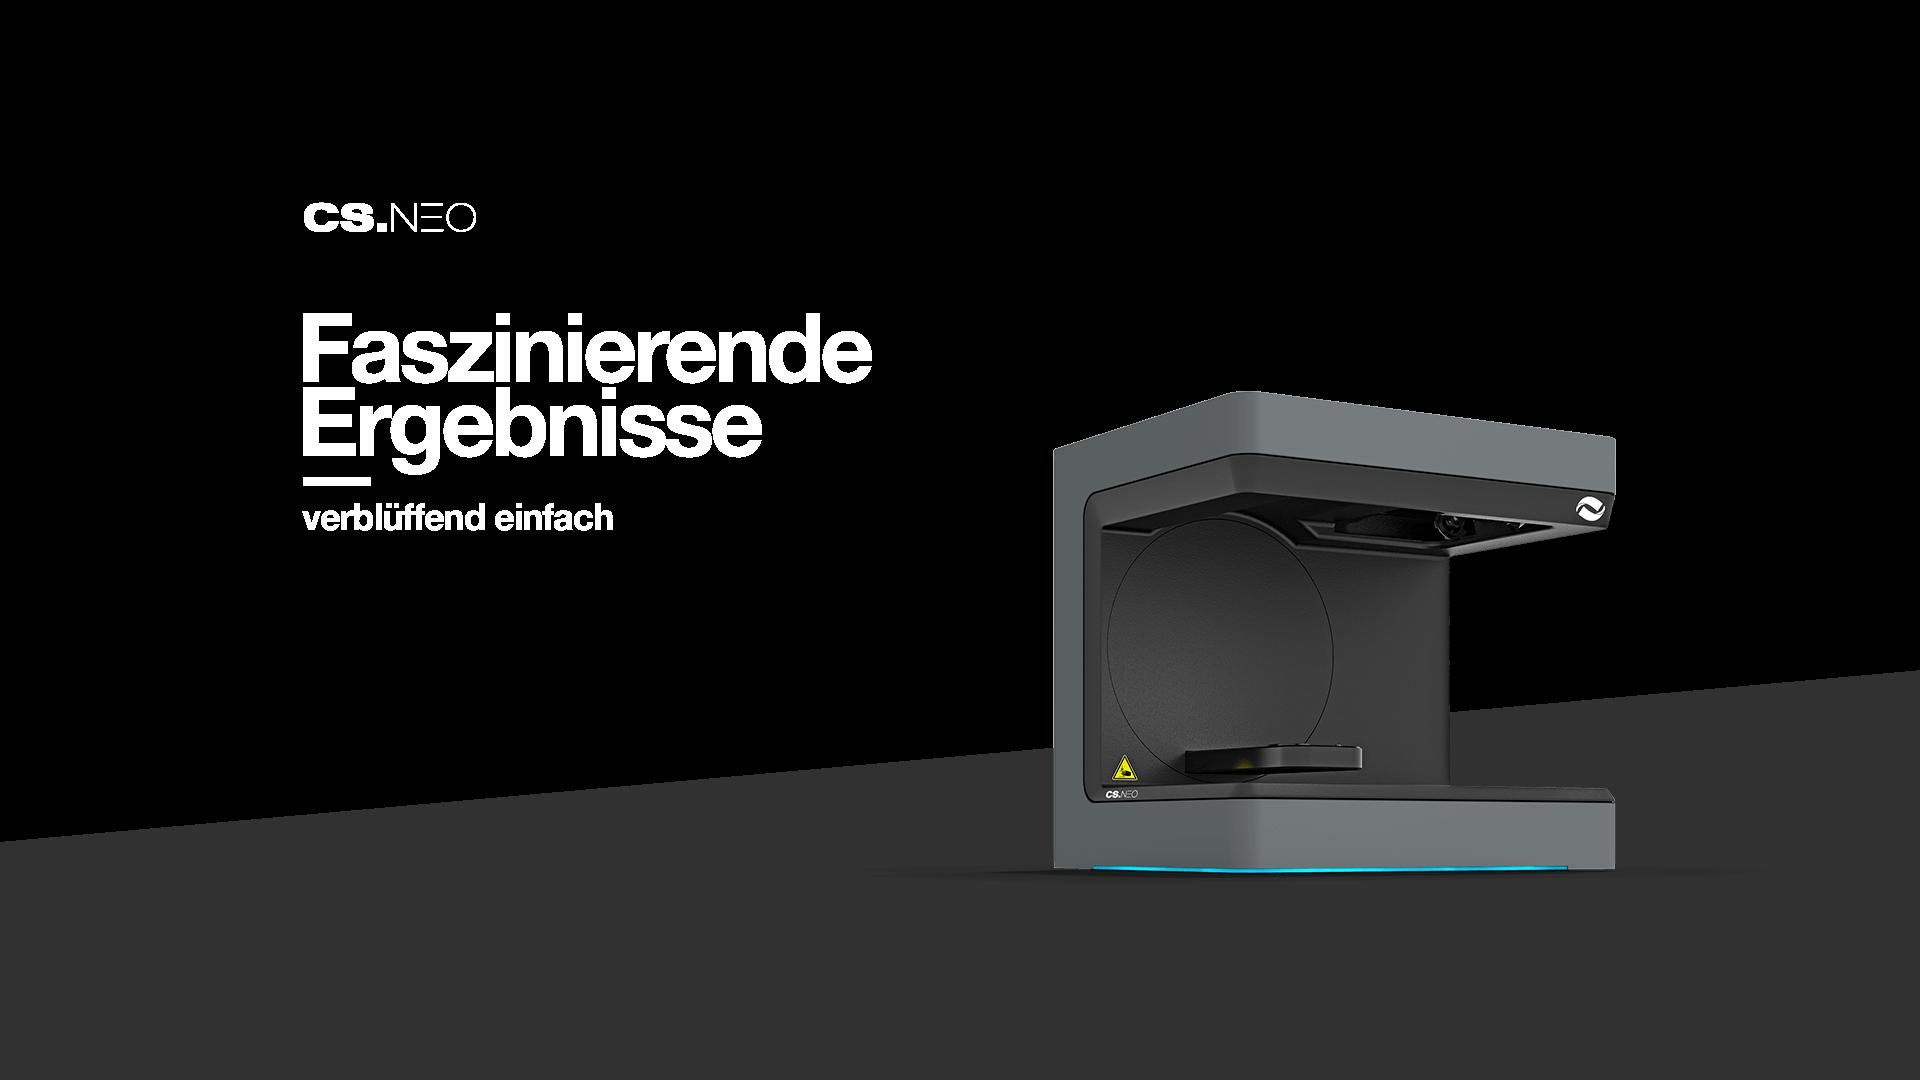 CS.Neo